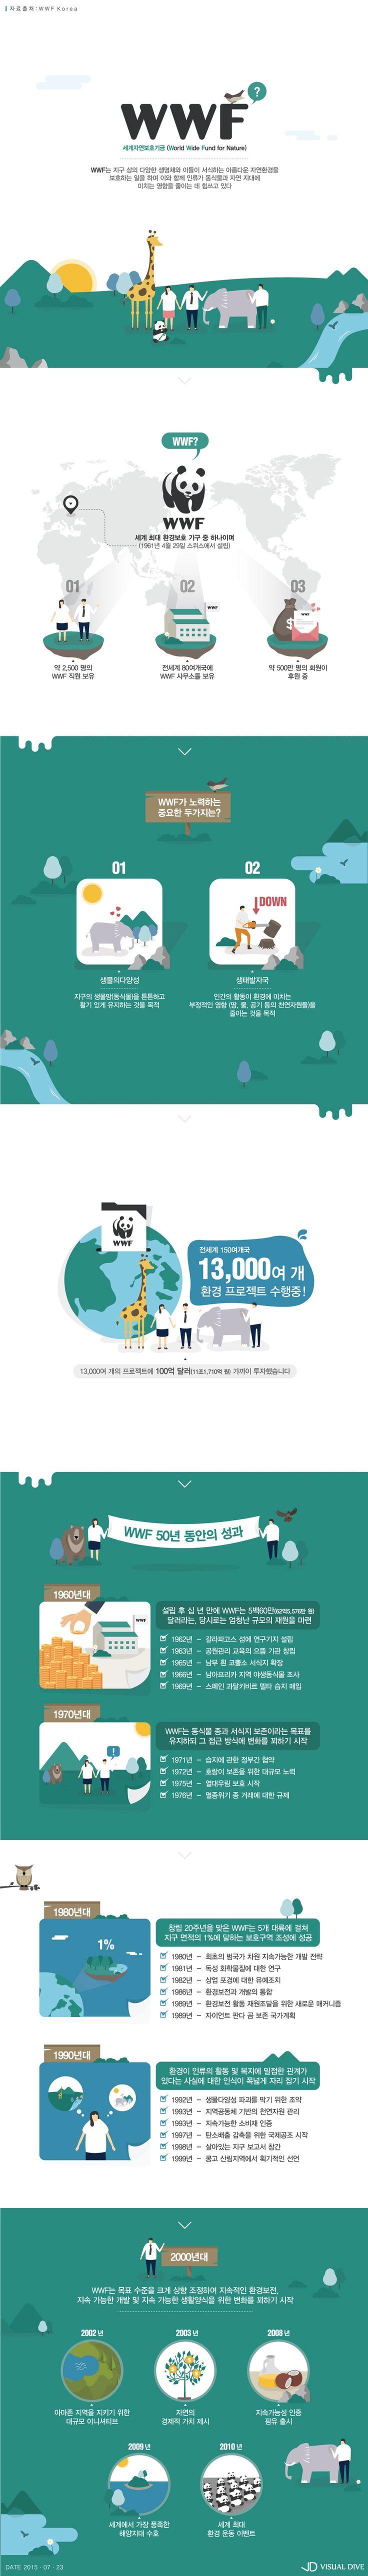 '1600 판다'의 세계 여행 본부, WWF가 궁금하다 [인포그래픽] #WWF / #Infographic ⓒ 비주얼다이브 무단 복사·전재·재…